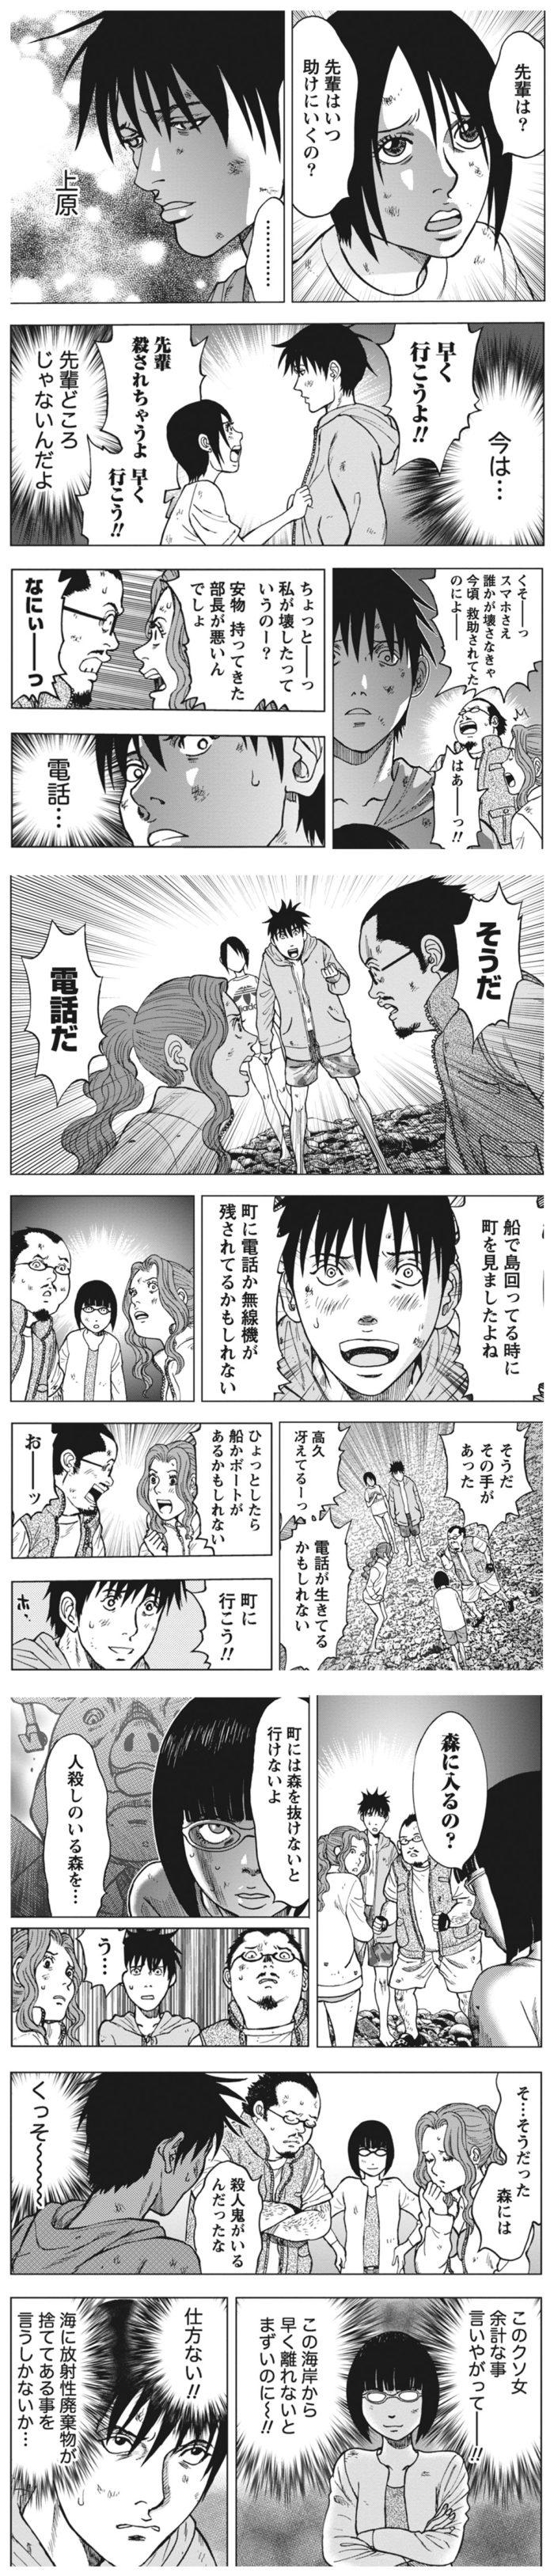 kichikujima03a-3